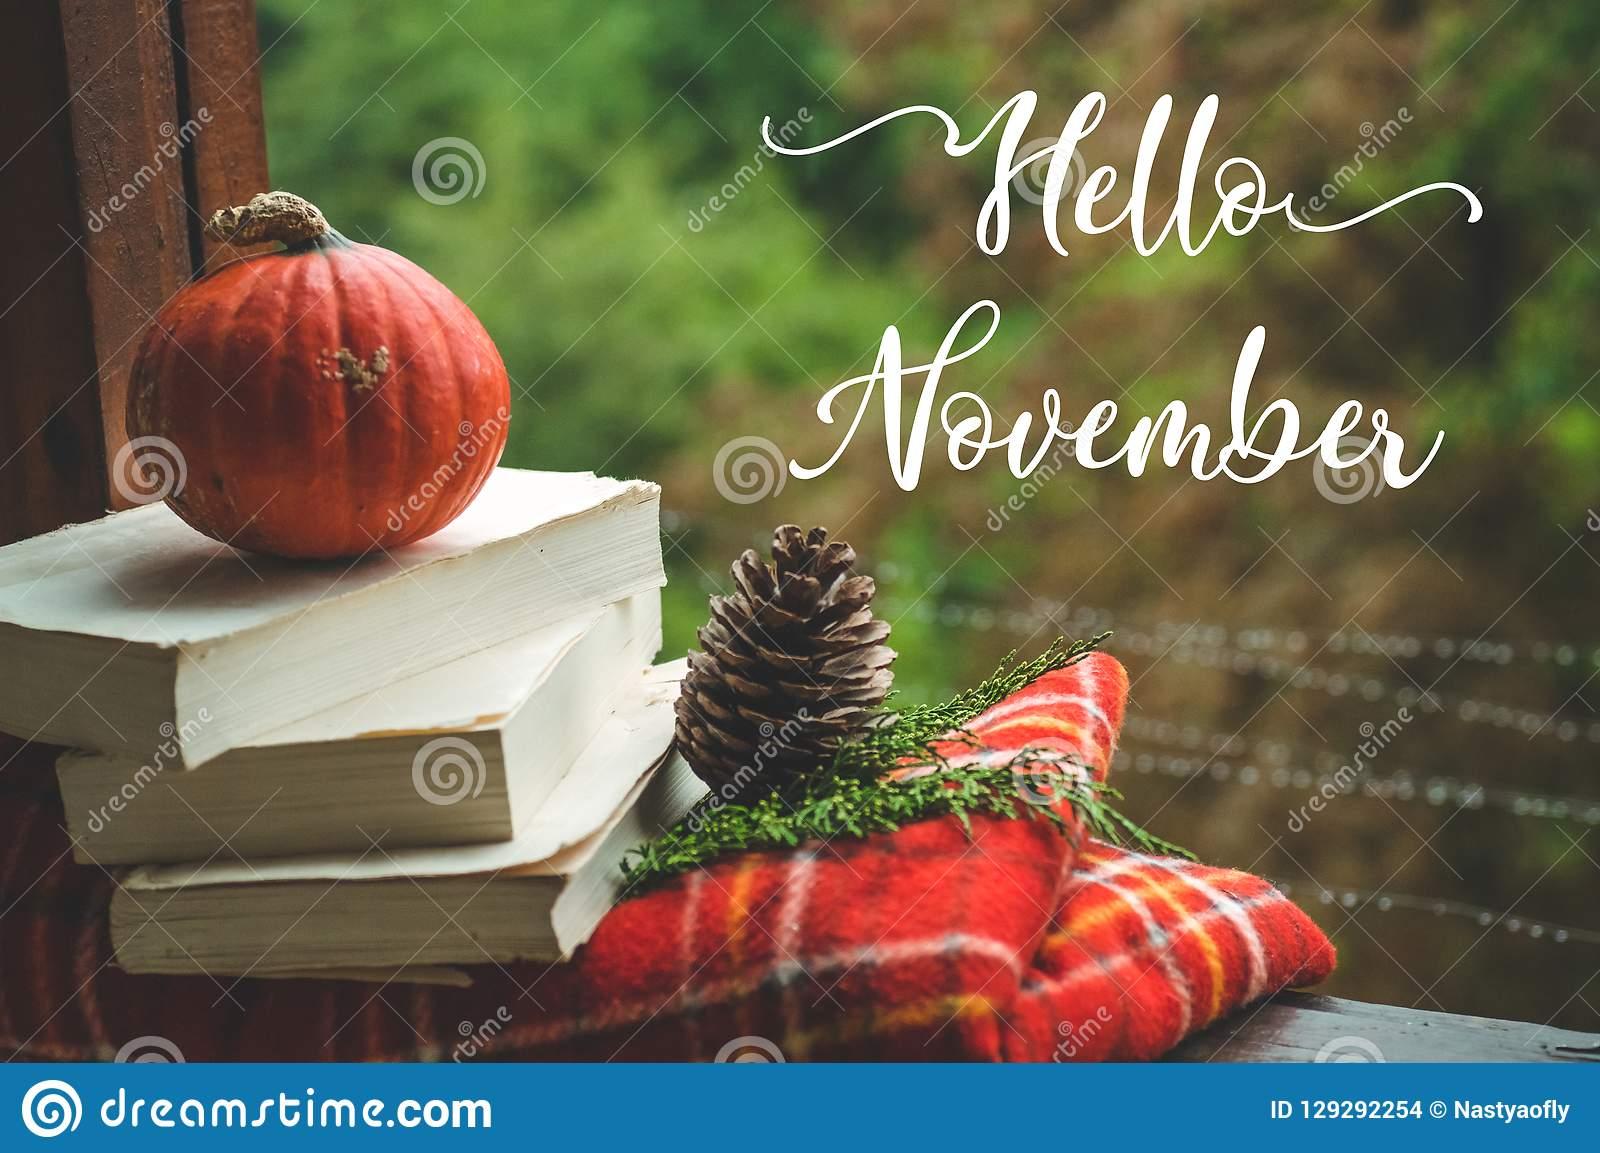 А вот и ноябрь картинки (8)